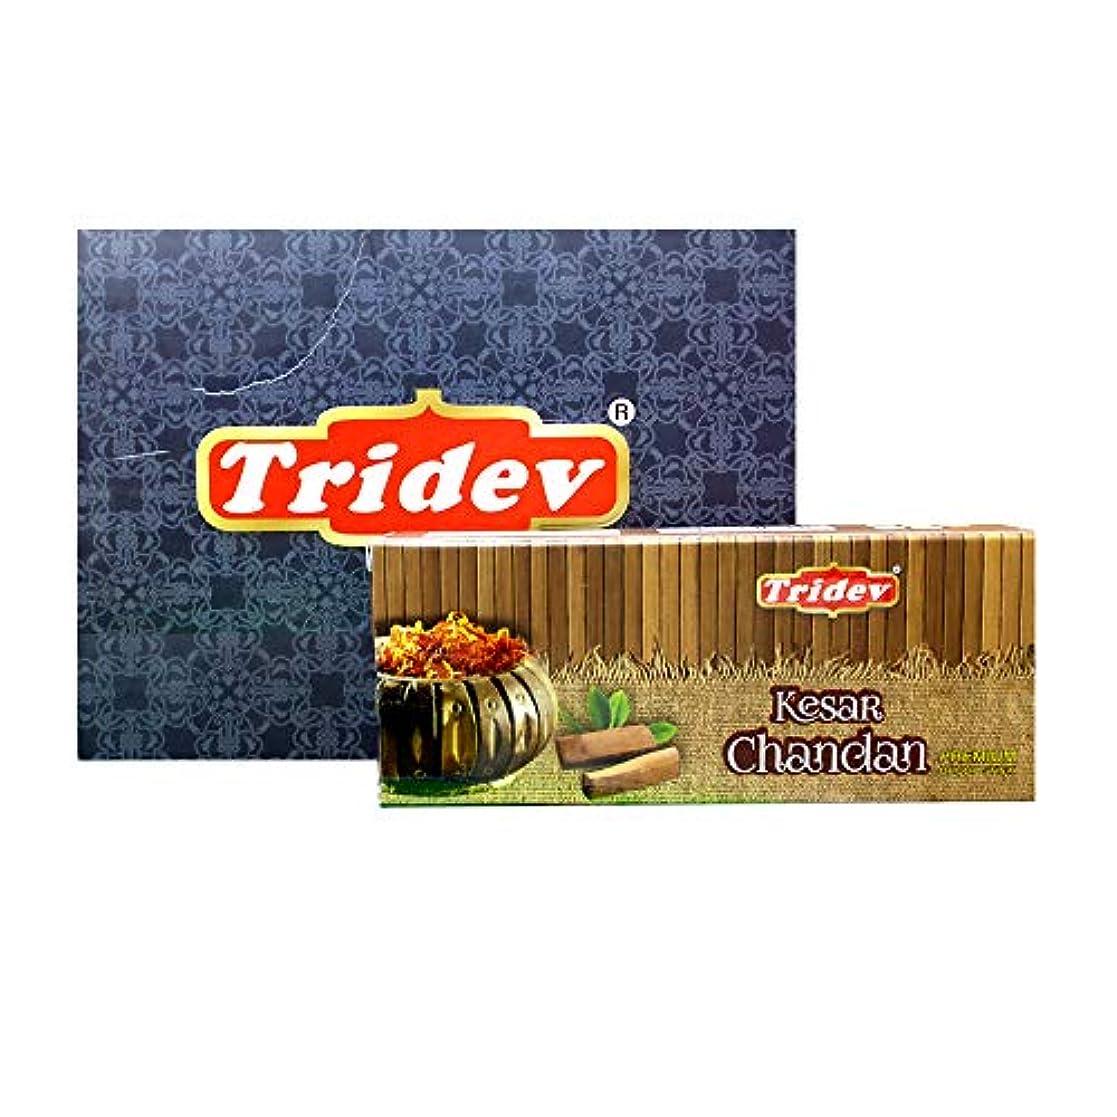 症状すごい困惑Tridev Kesar Chandan プレミアム ドープスティック ボックス | 1箱に75グラム12パック | 輸出品質